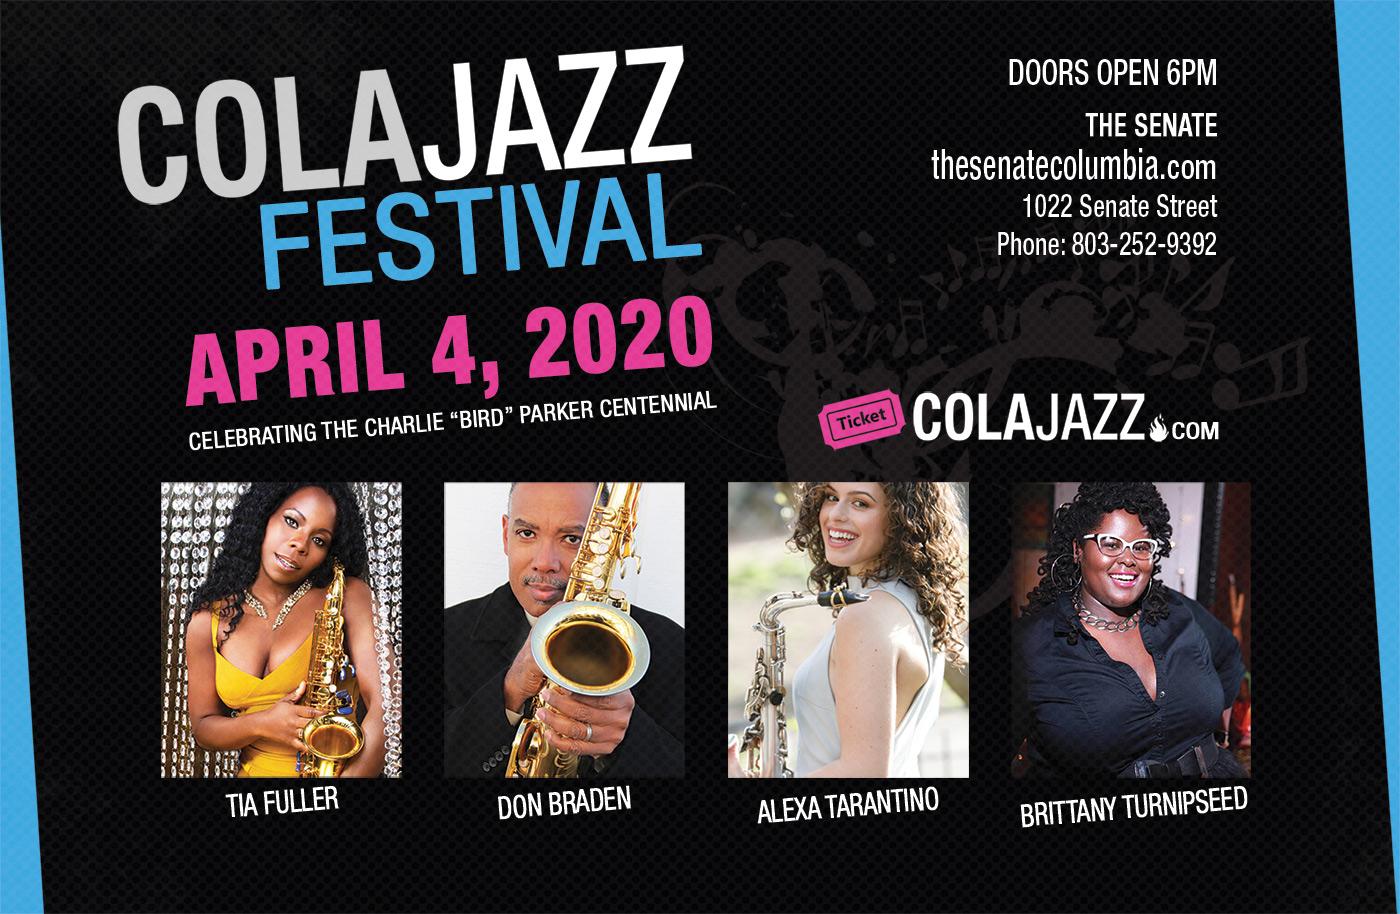 ColaJazz Festival 2020